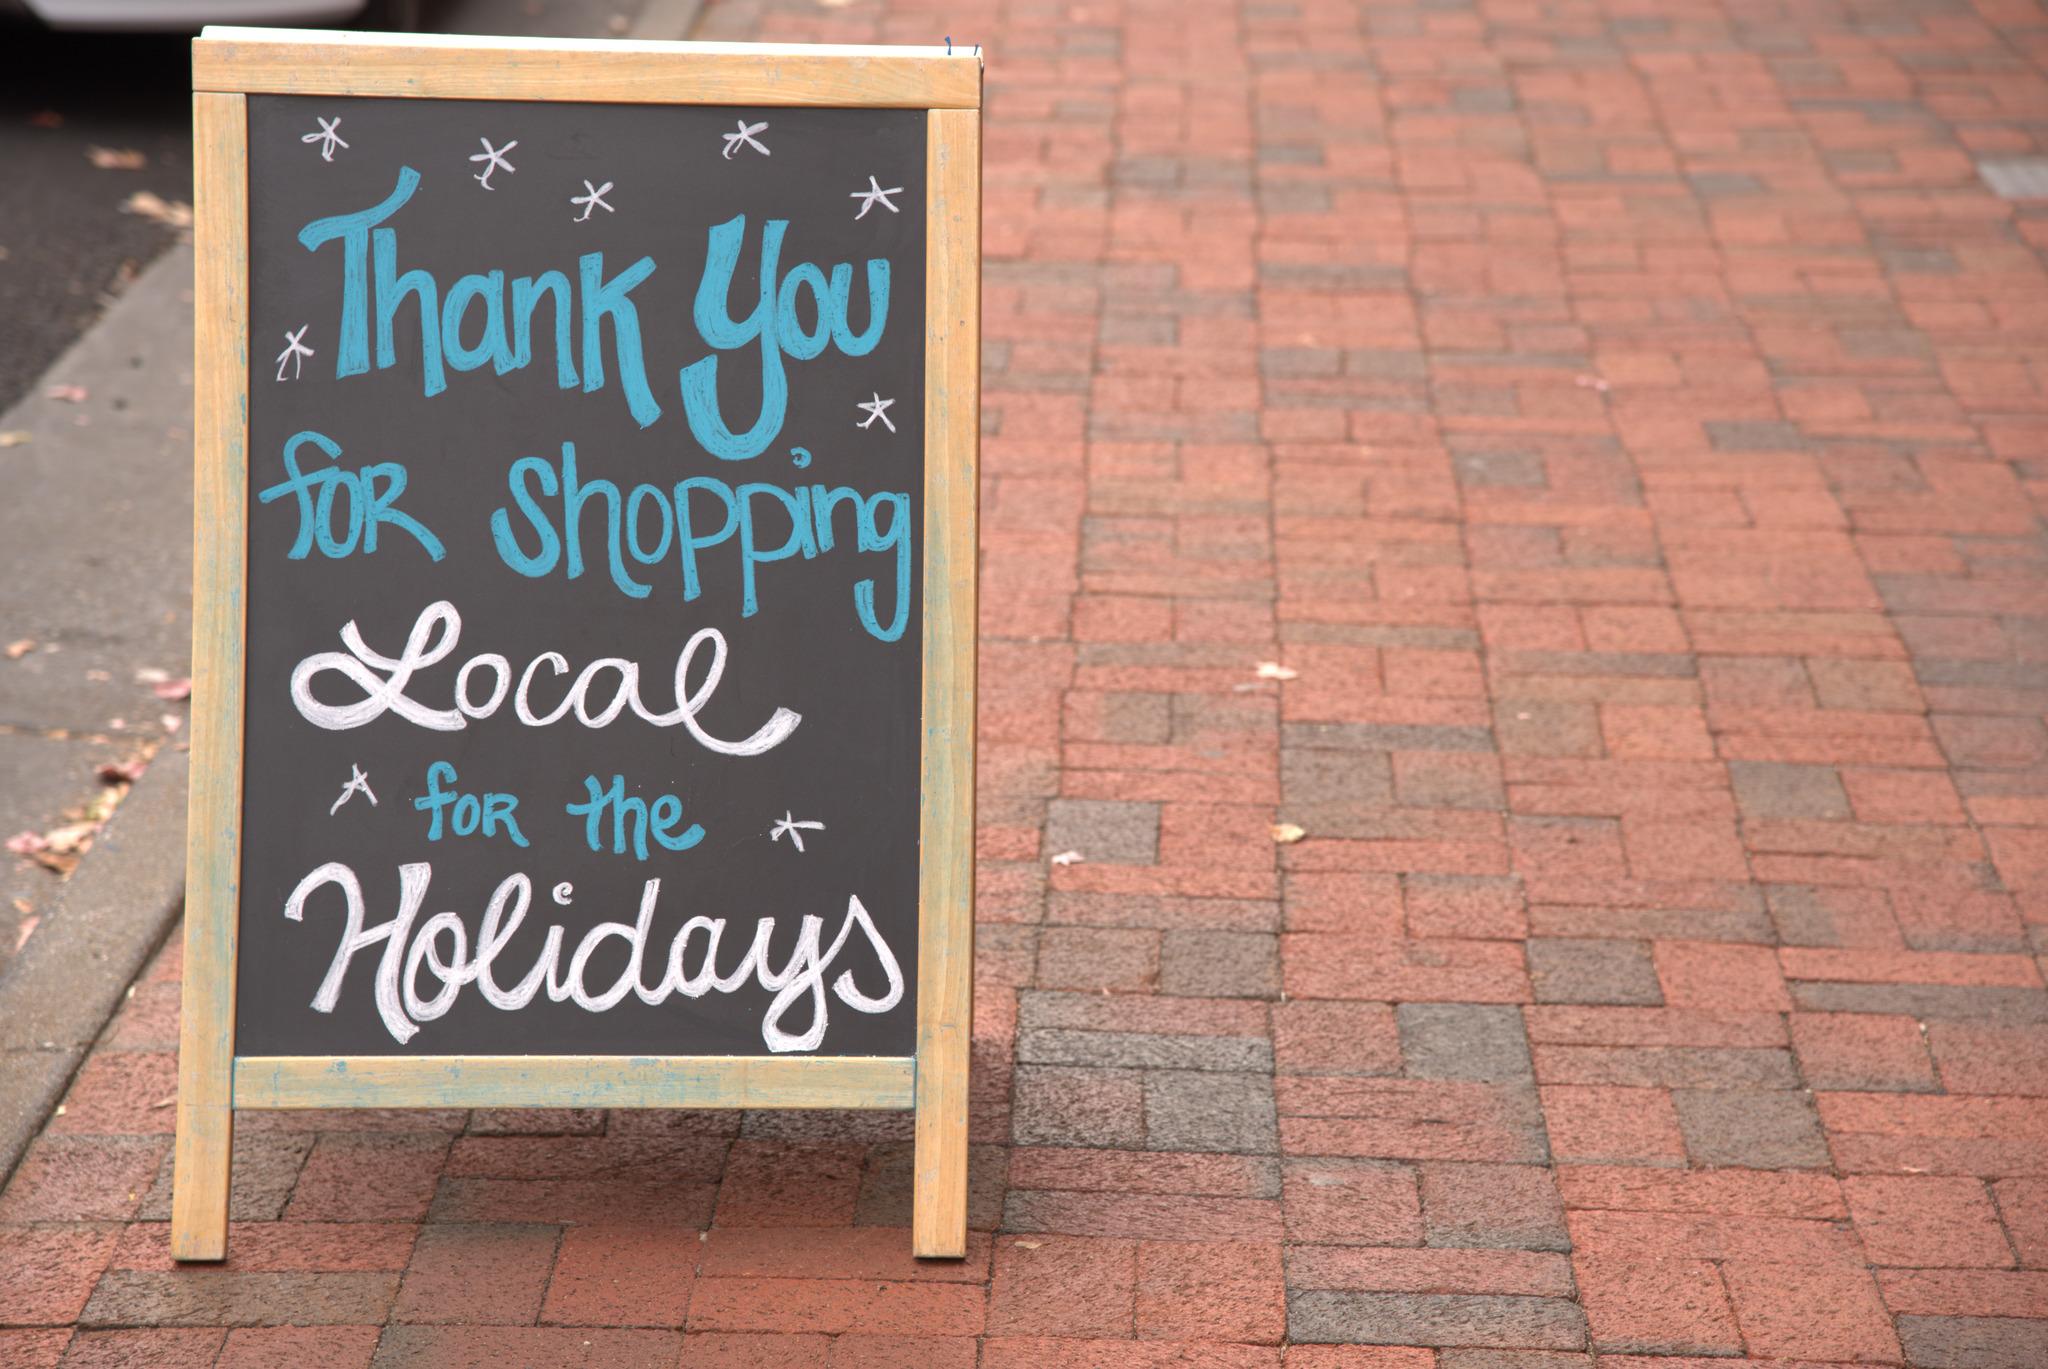 Lexington stores prepare for holiday shopping season